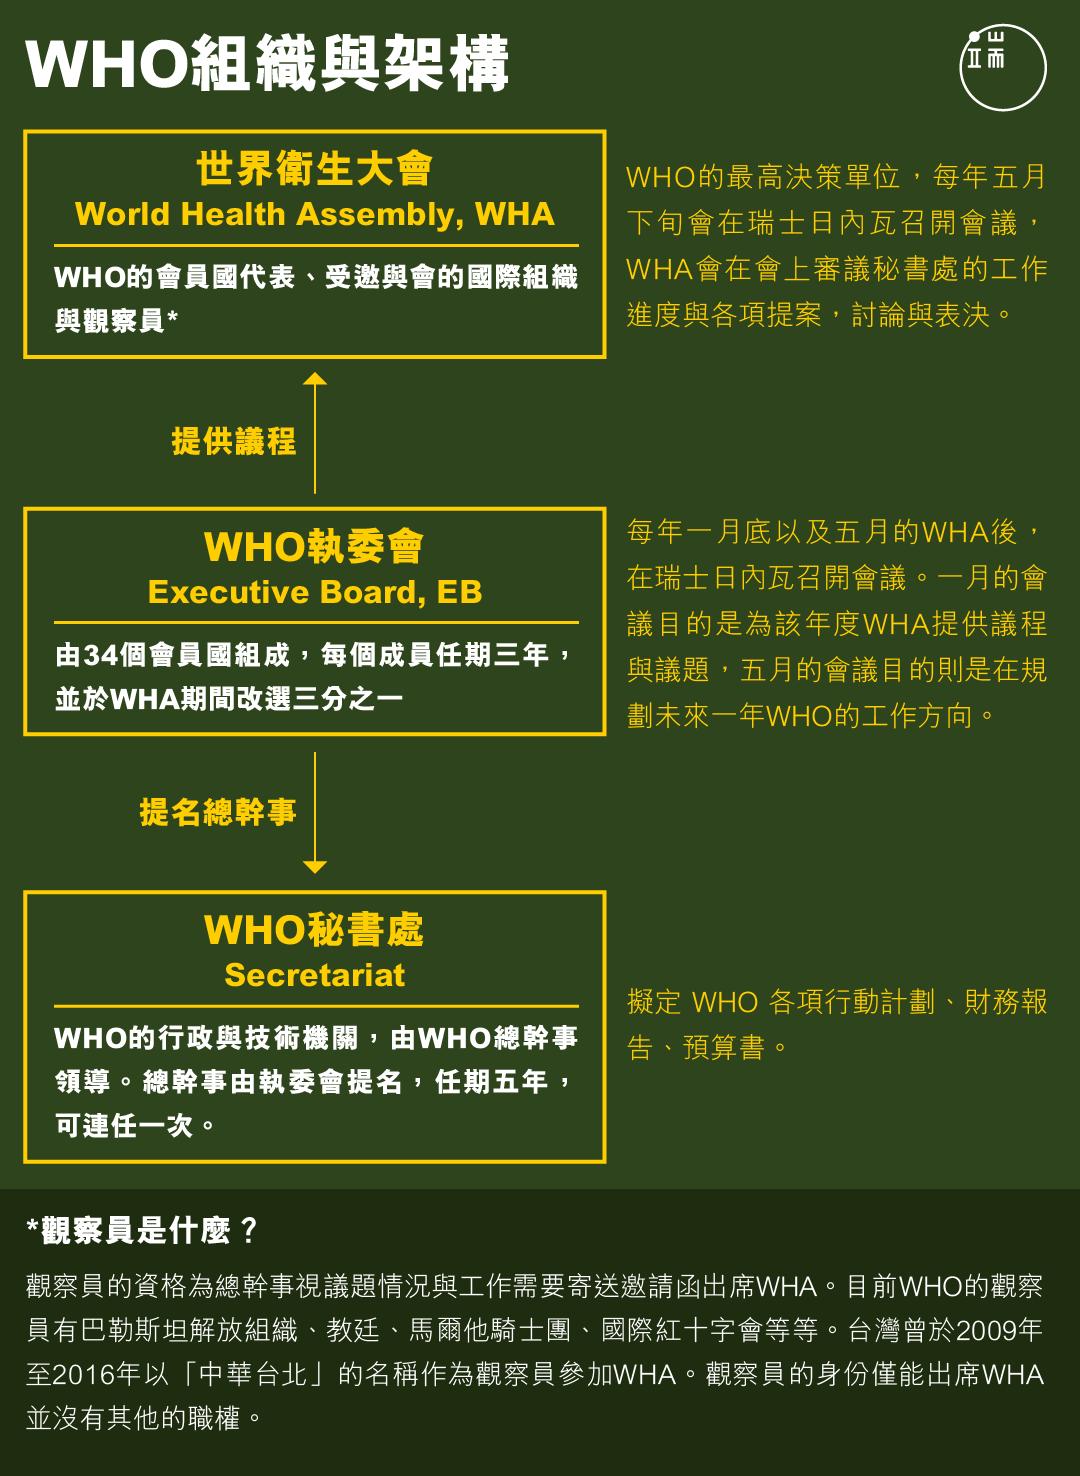 WHO組織與架構。